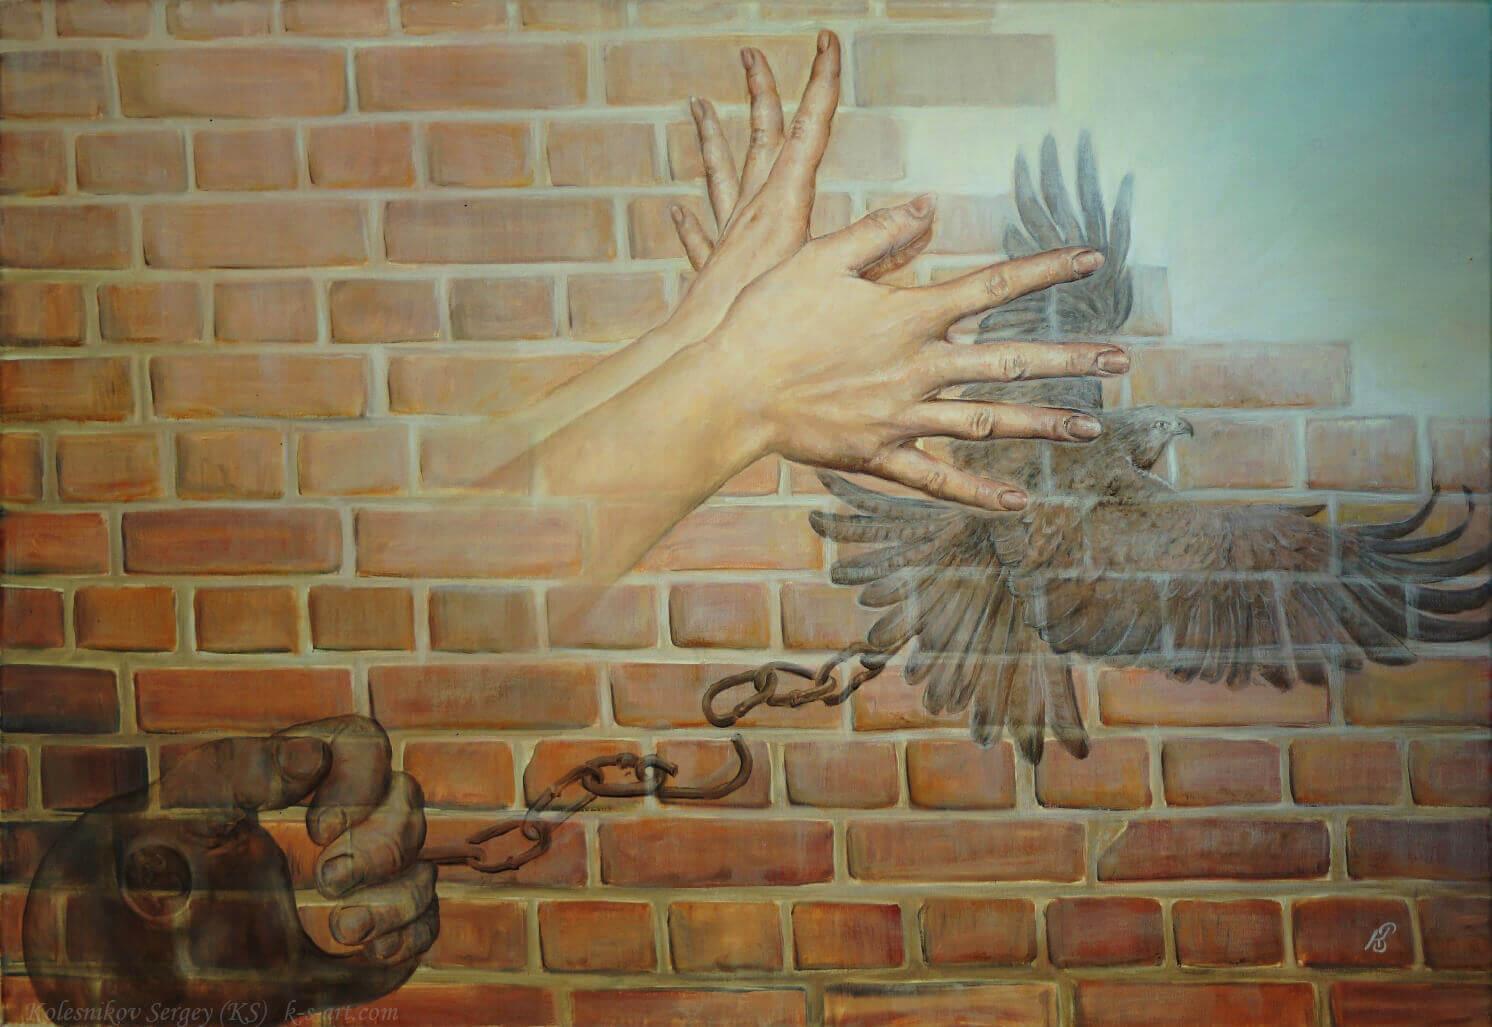 Картина «Ваянг» - художник Сергей Колесников (KS), холст, масло, 80x60 см, 2017 год. Живопись в стиле - интегральный реализм.